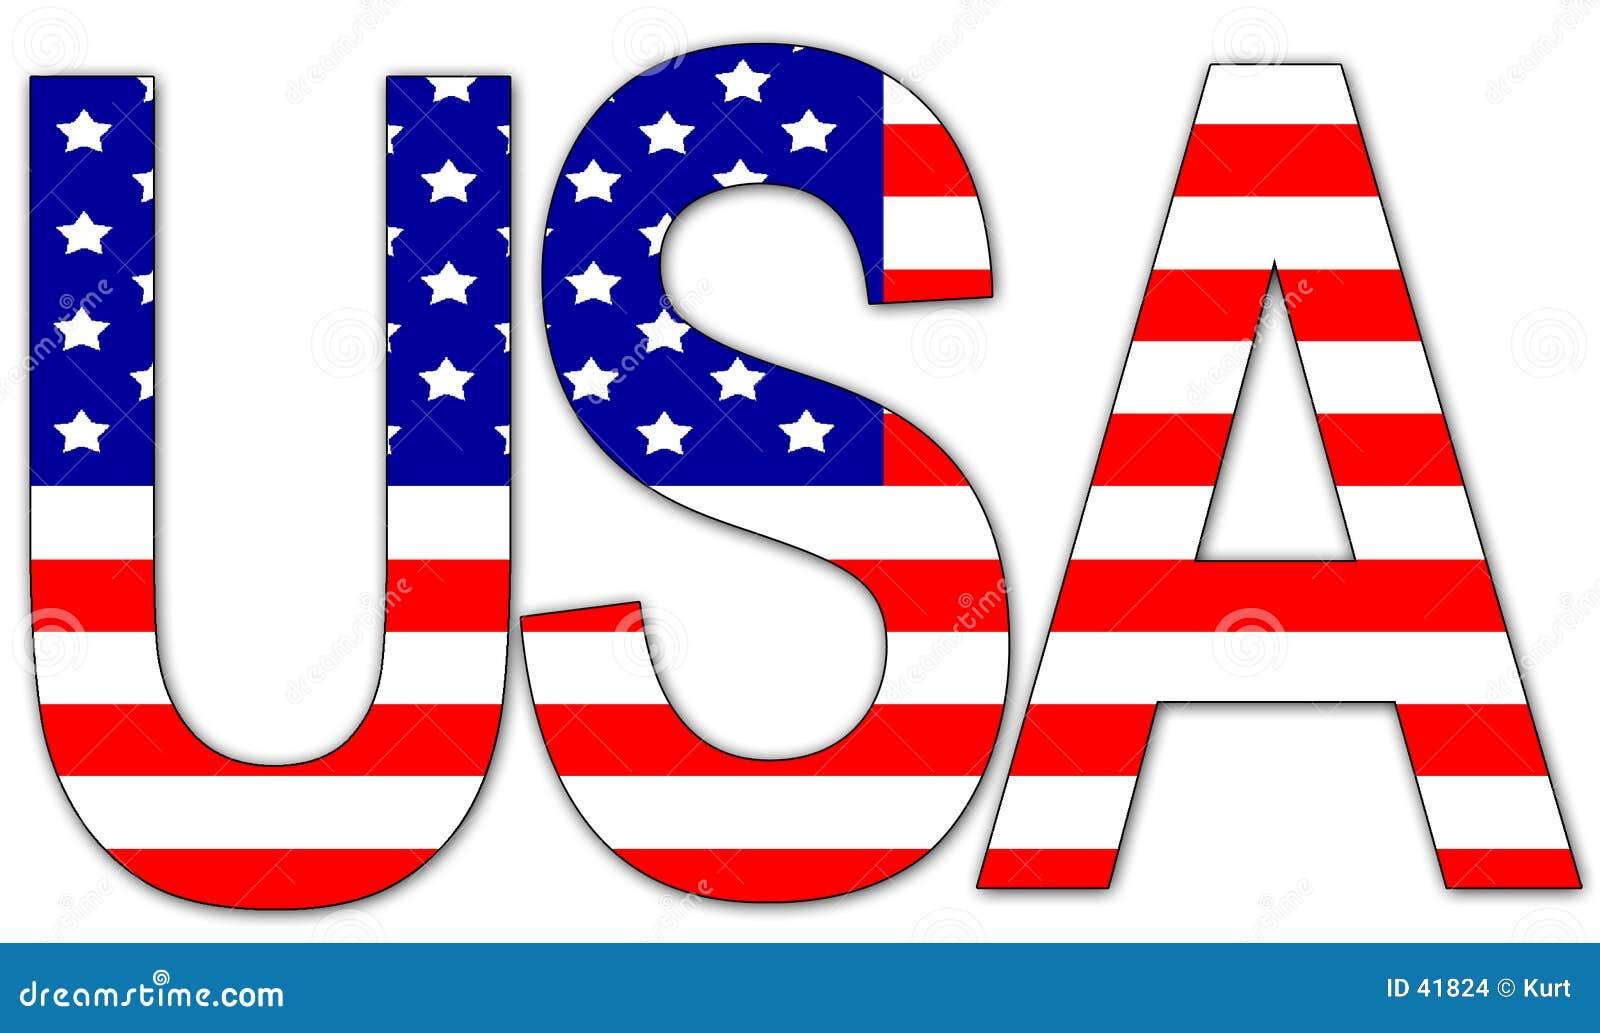 Text USA